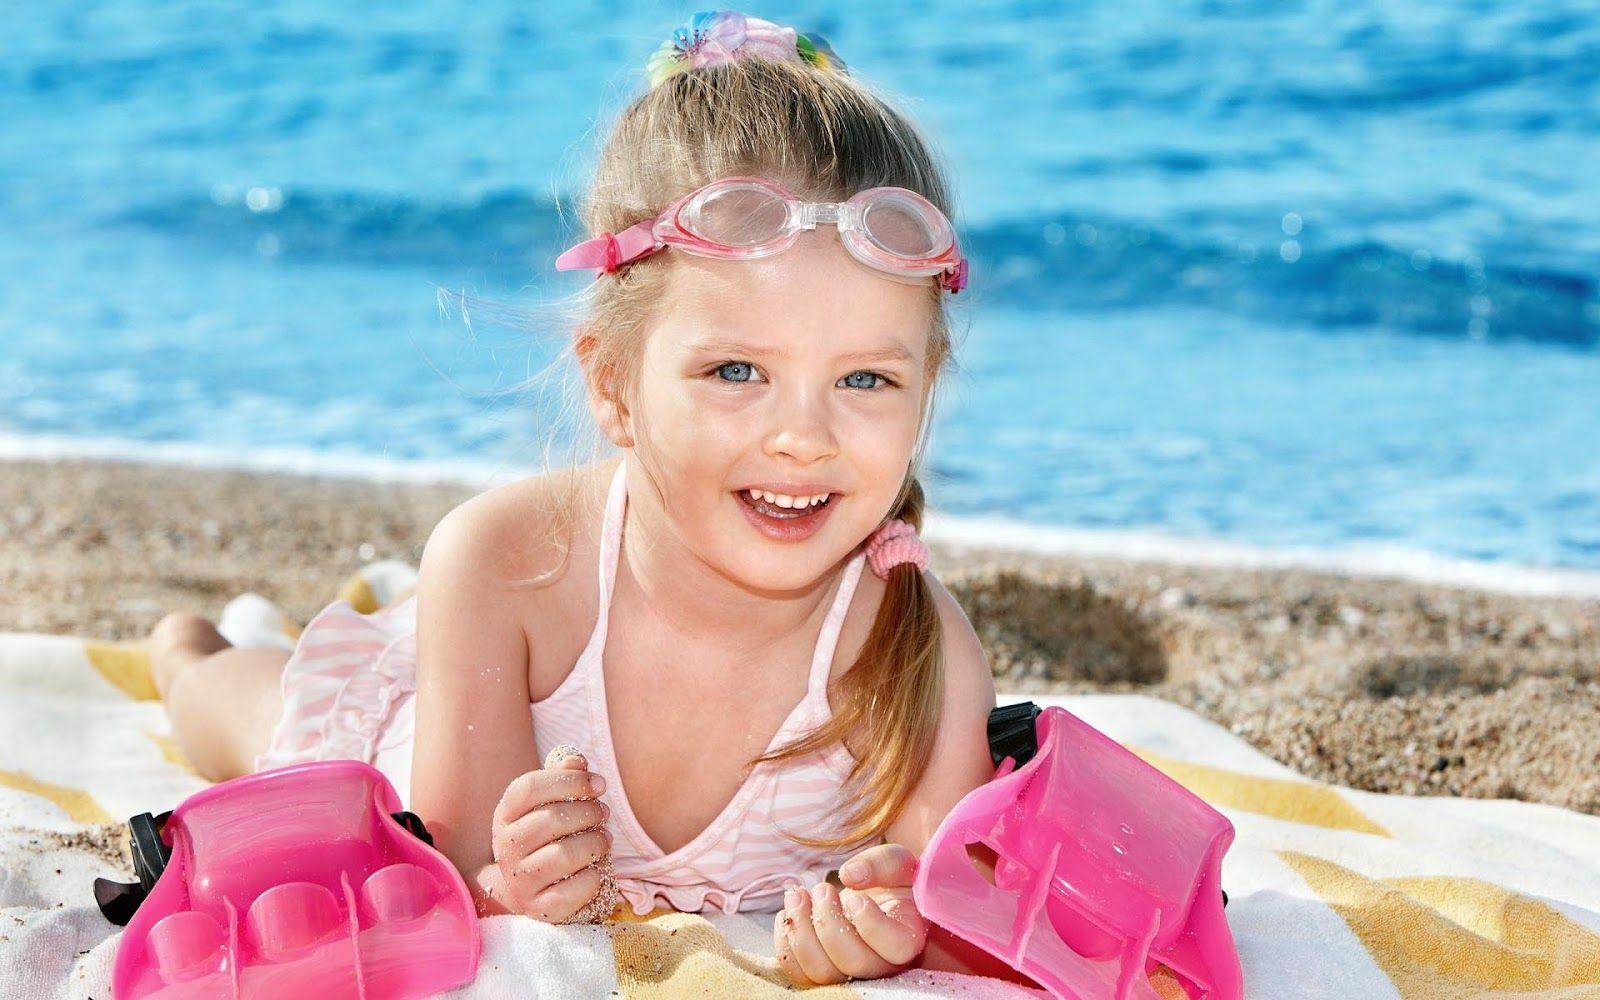 Een Klein Meisje Die Geniet Van Het Strand En Is Helemaal Blij Kinderen Weer Het Strand